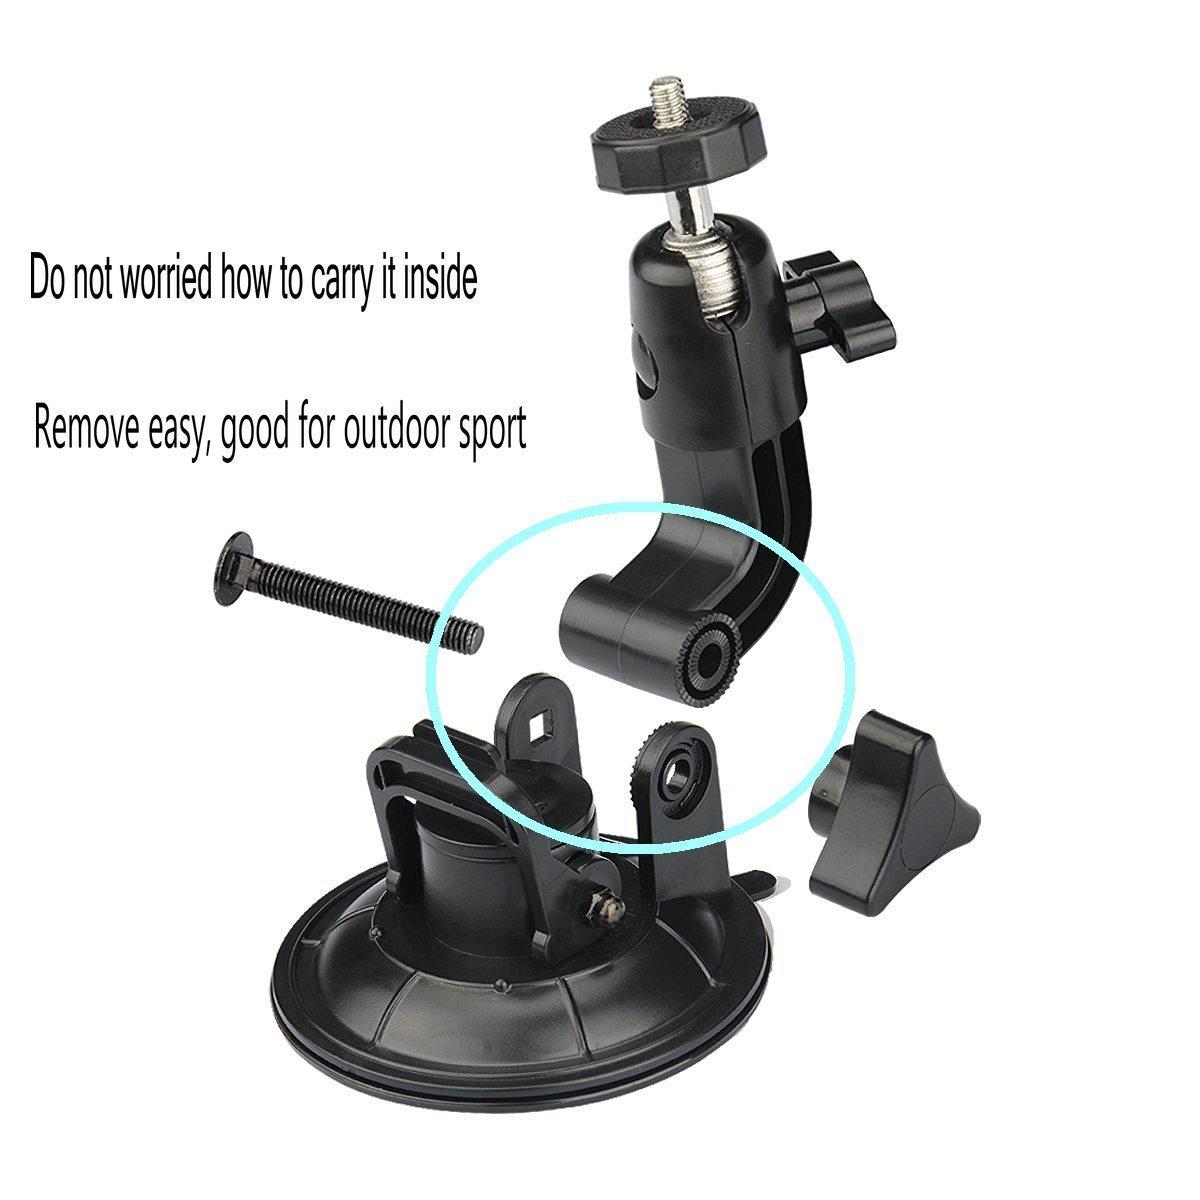 tr/ípode adaptador para GoPro Hero 6/5/negro Akaso ek7000/Xiaomi Yi c/ámara de acci/ón 4/K Sony apeman coche parabrisas soporte 9/cm tekcam 360/grados rotaci/ón soporte con ventosa